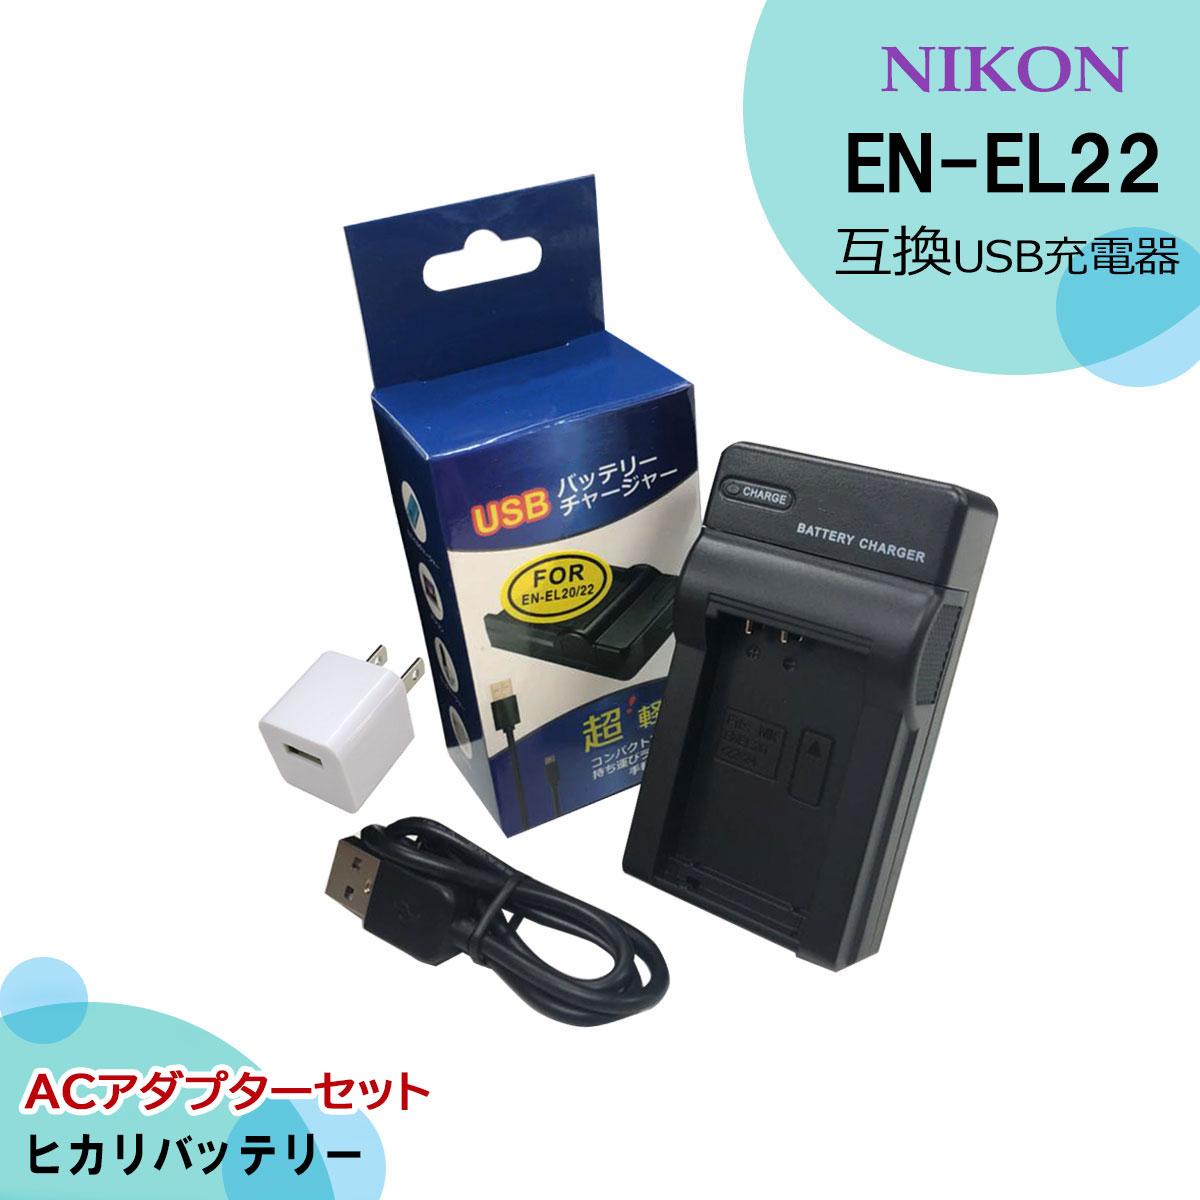 カメラ・ビデオカメラ・光学機器, ビデオカメラ  en-el22 NIKON 1 J4 MH-29 (a1) AC